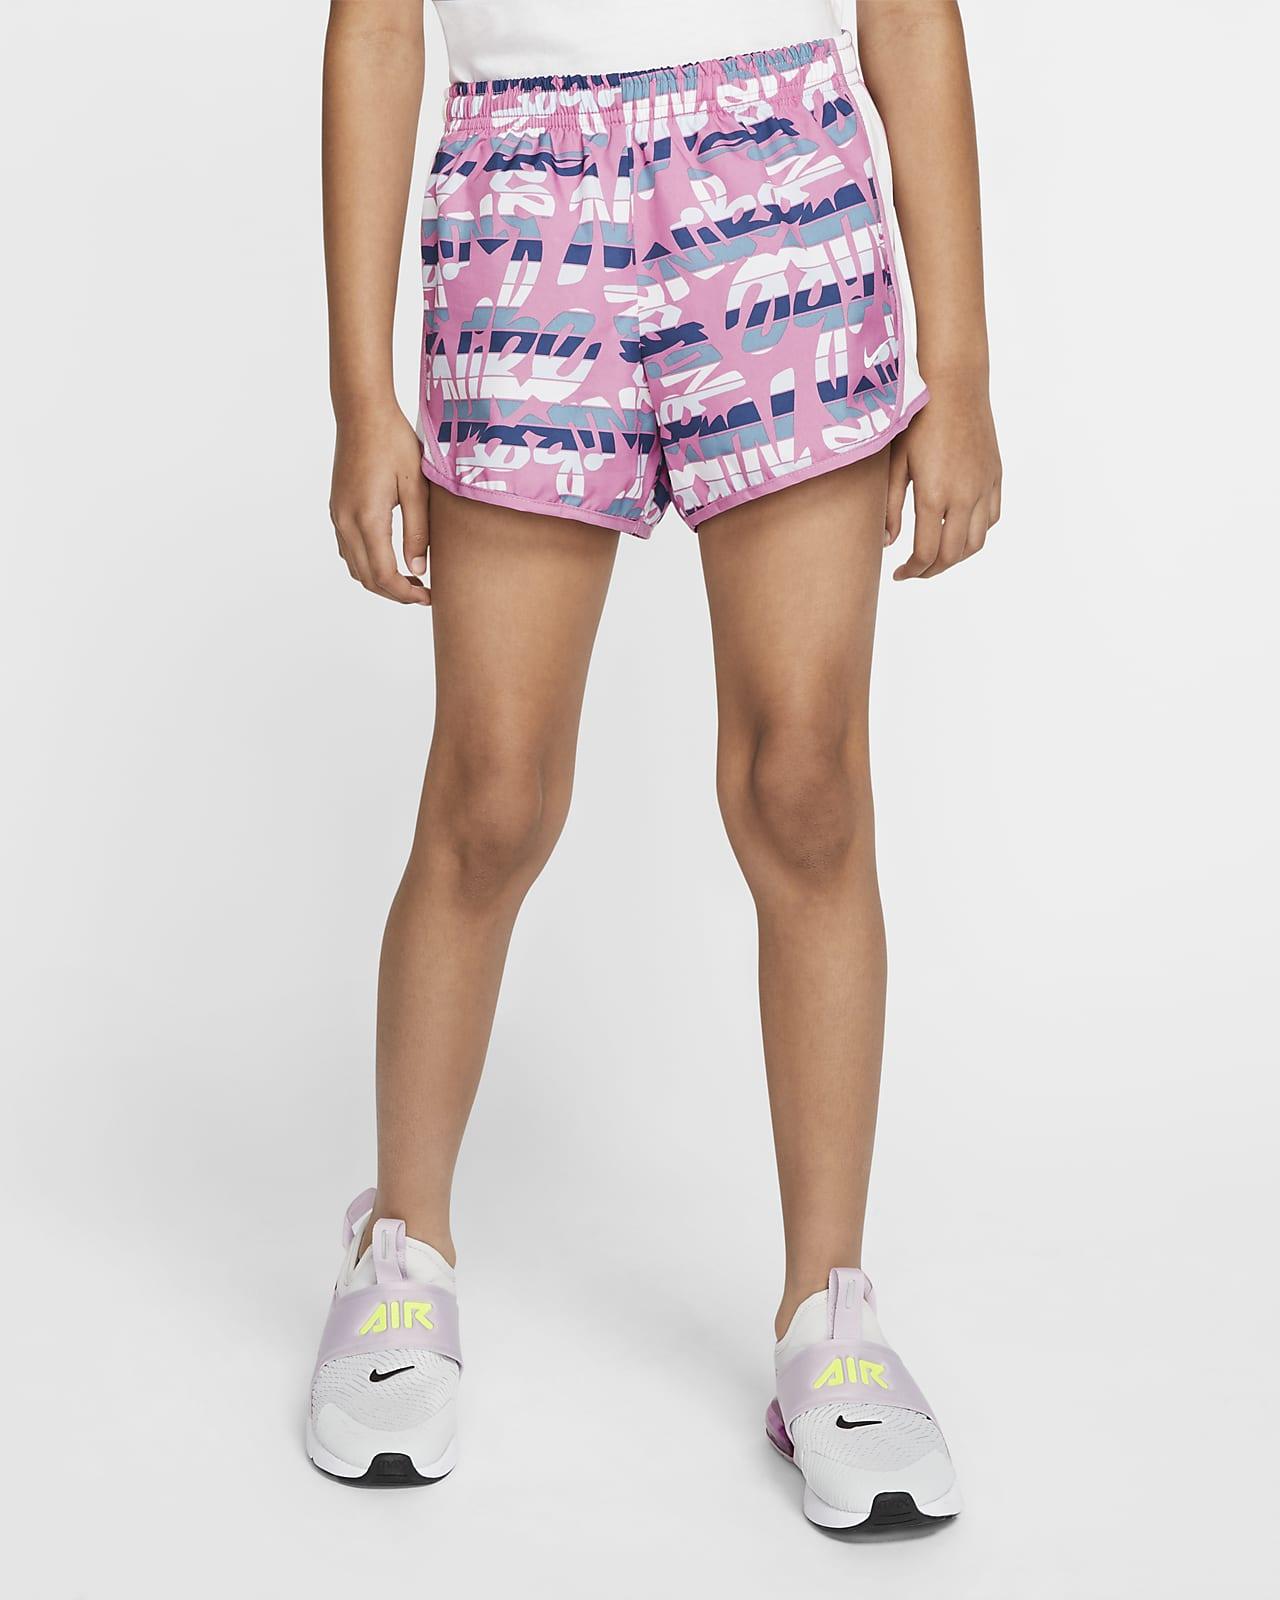 Shorts de running con estampado para niñas talla grande Nike Dri-FIT Tempo